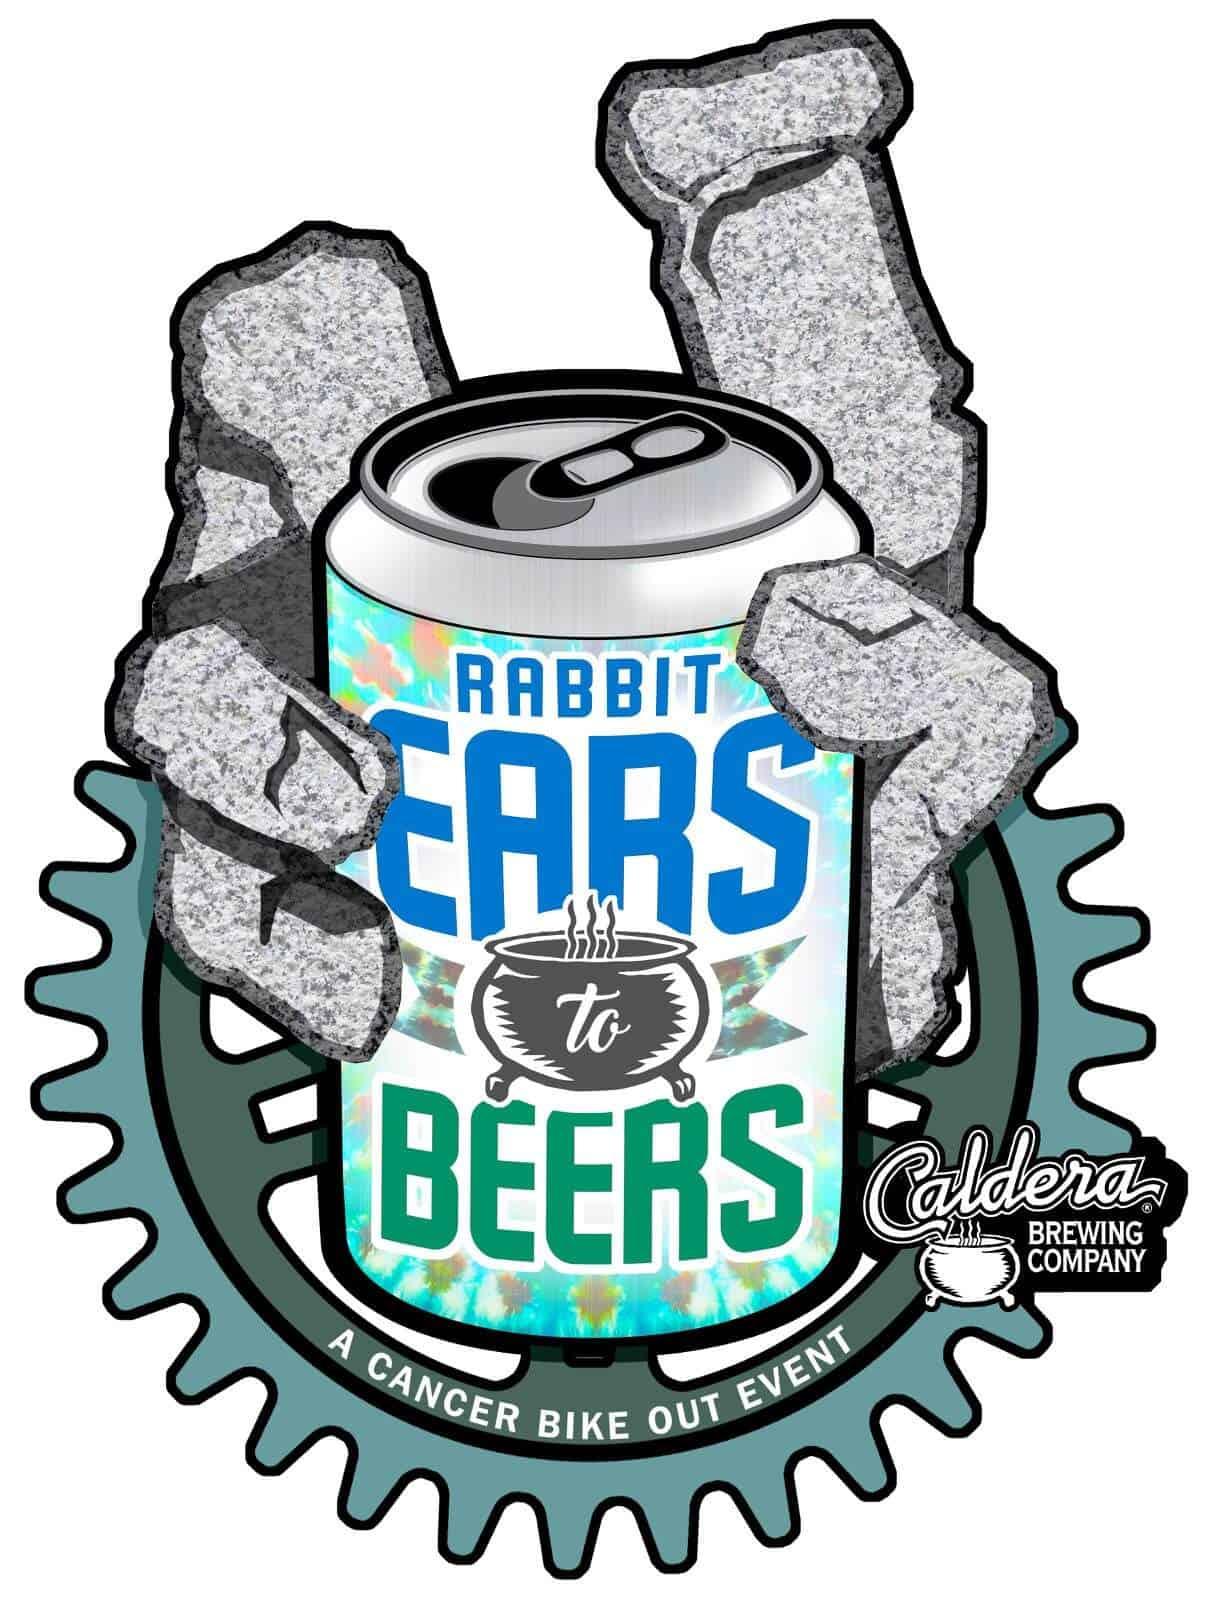 Rabbit Ears To Beers